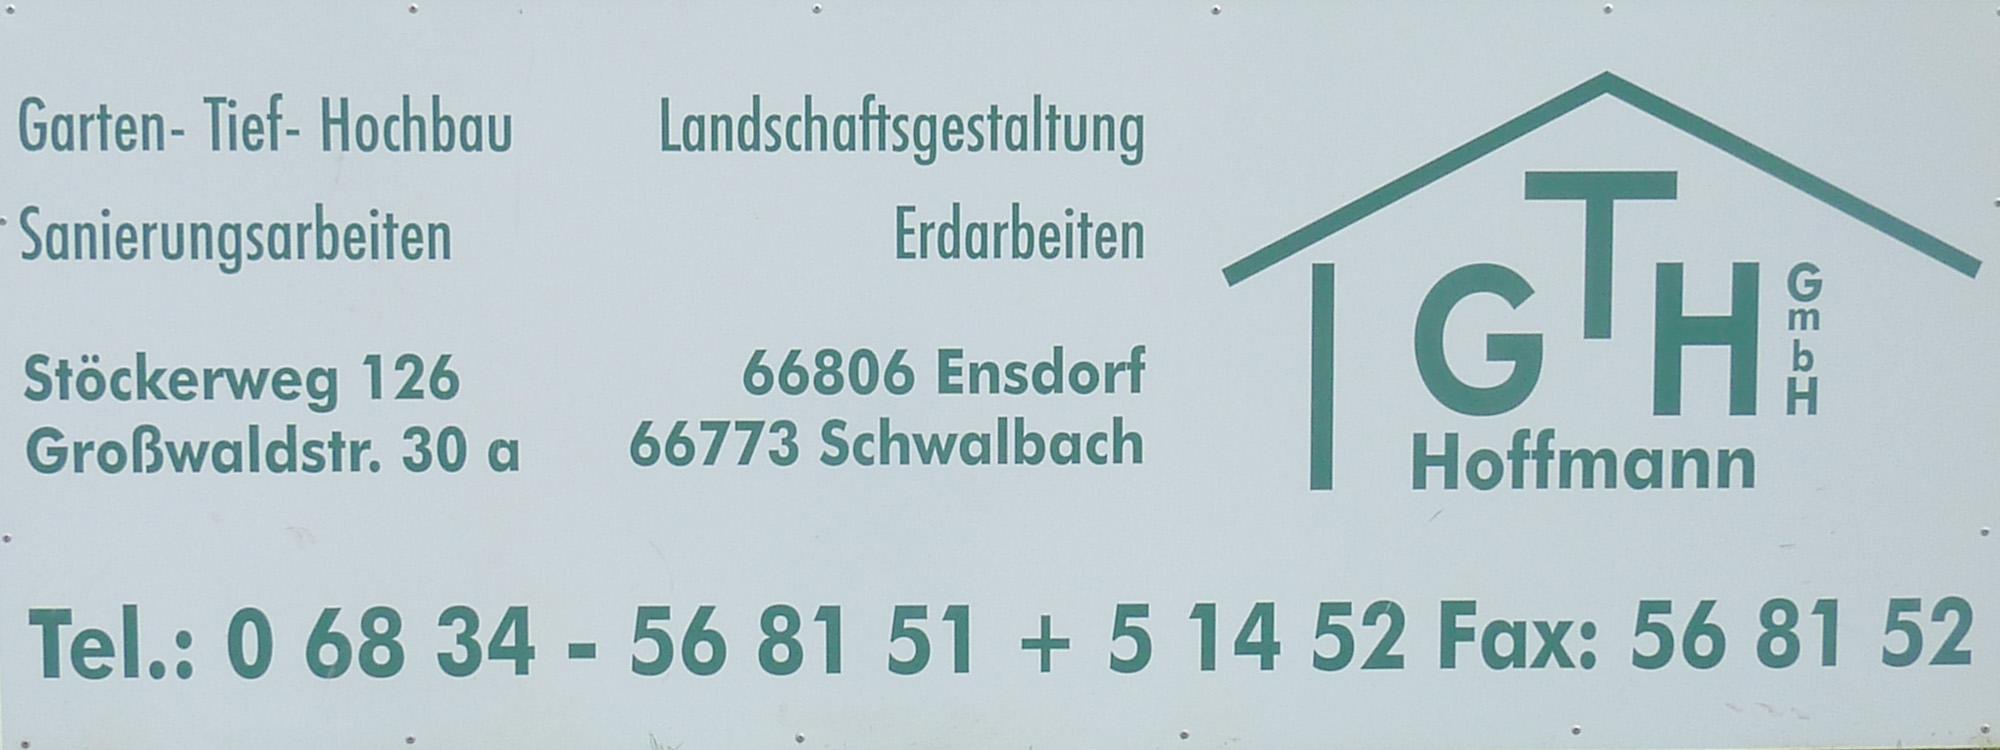 Garten-Tief-Hoch Bau Hoffmann